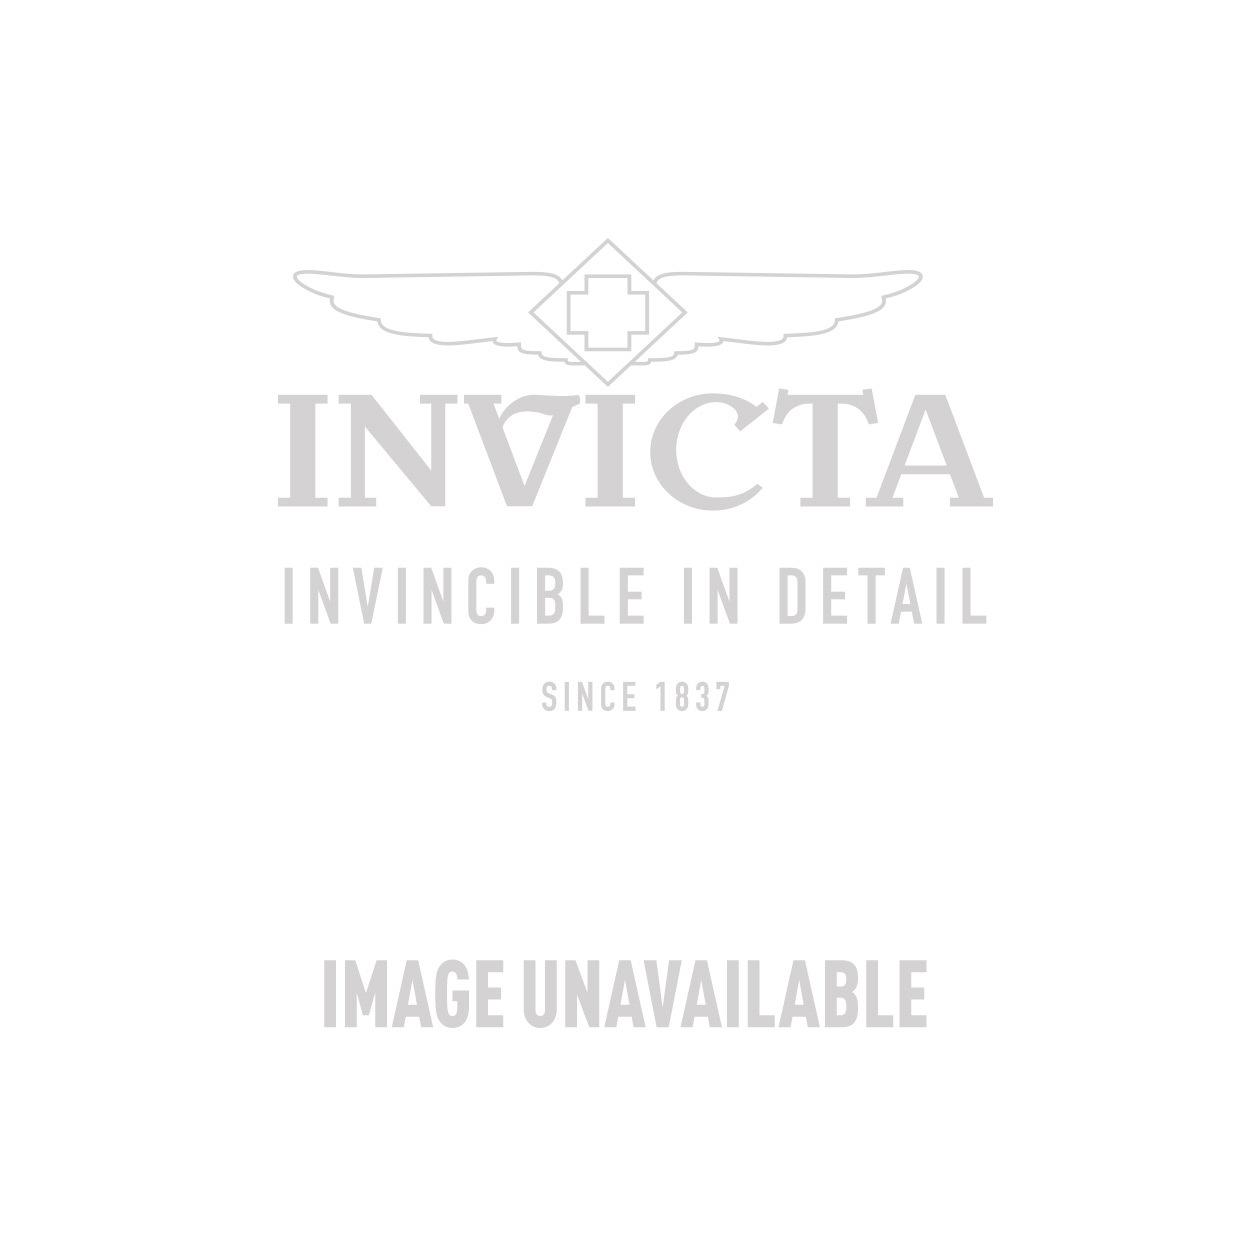 Invicta Model 22543